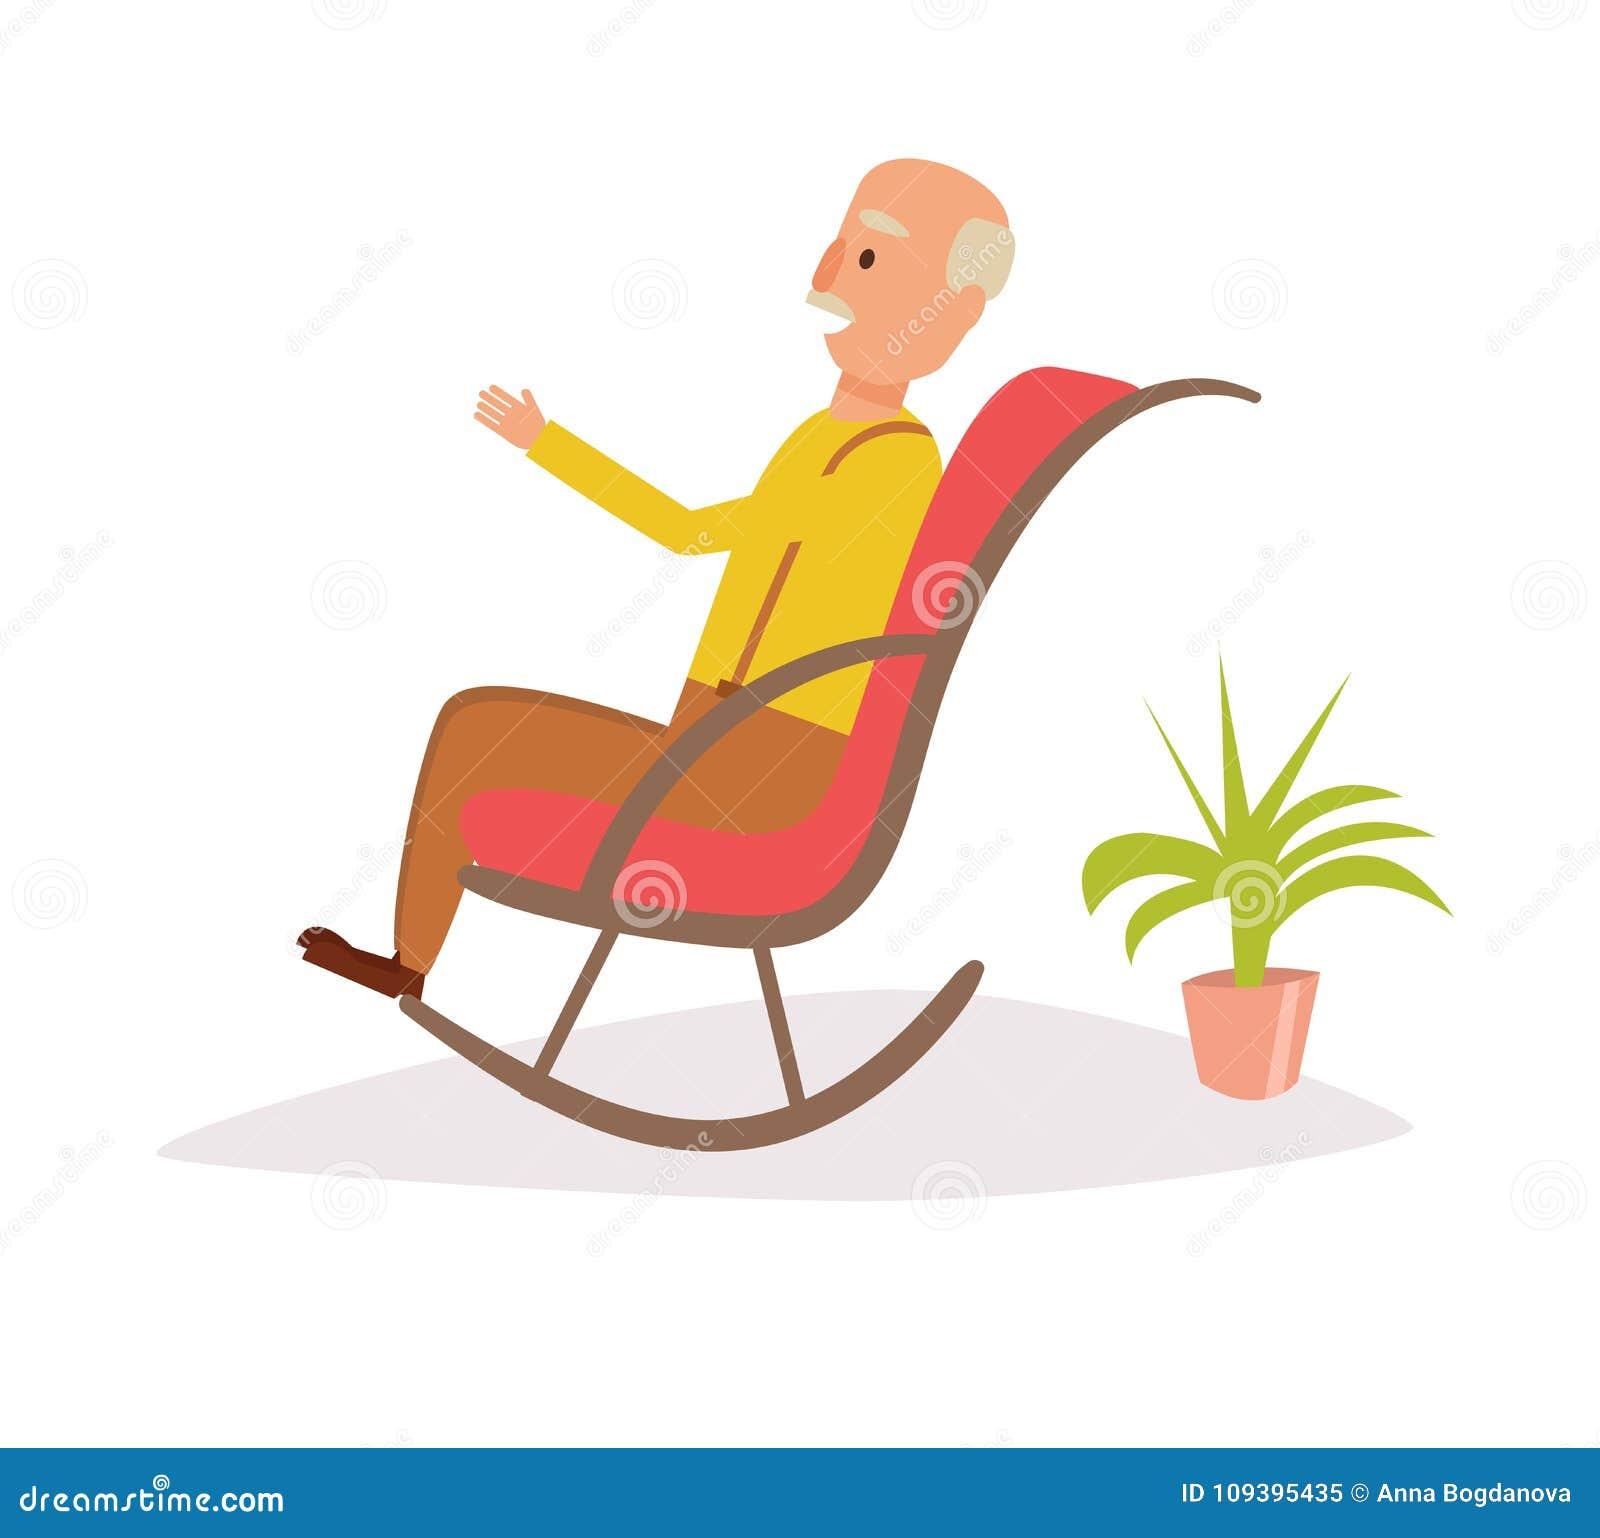 Der karikatur mann schaukelstuhl vektor stock fotos for Alter mann im schaukelstuhl